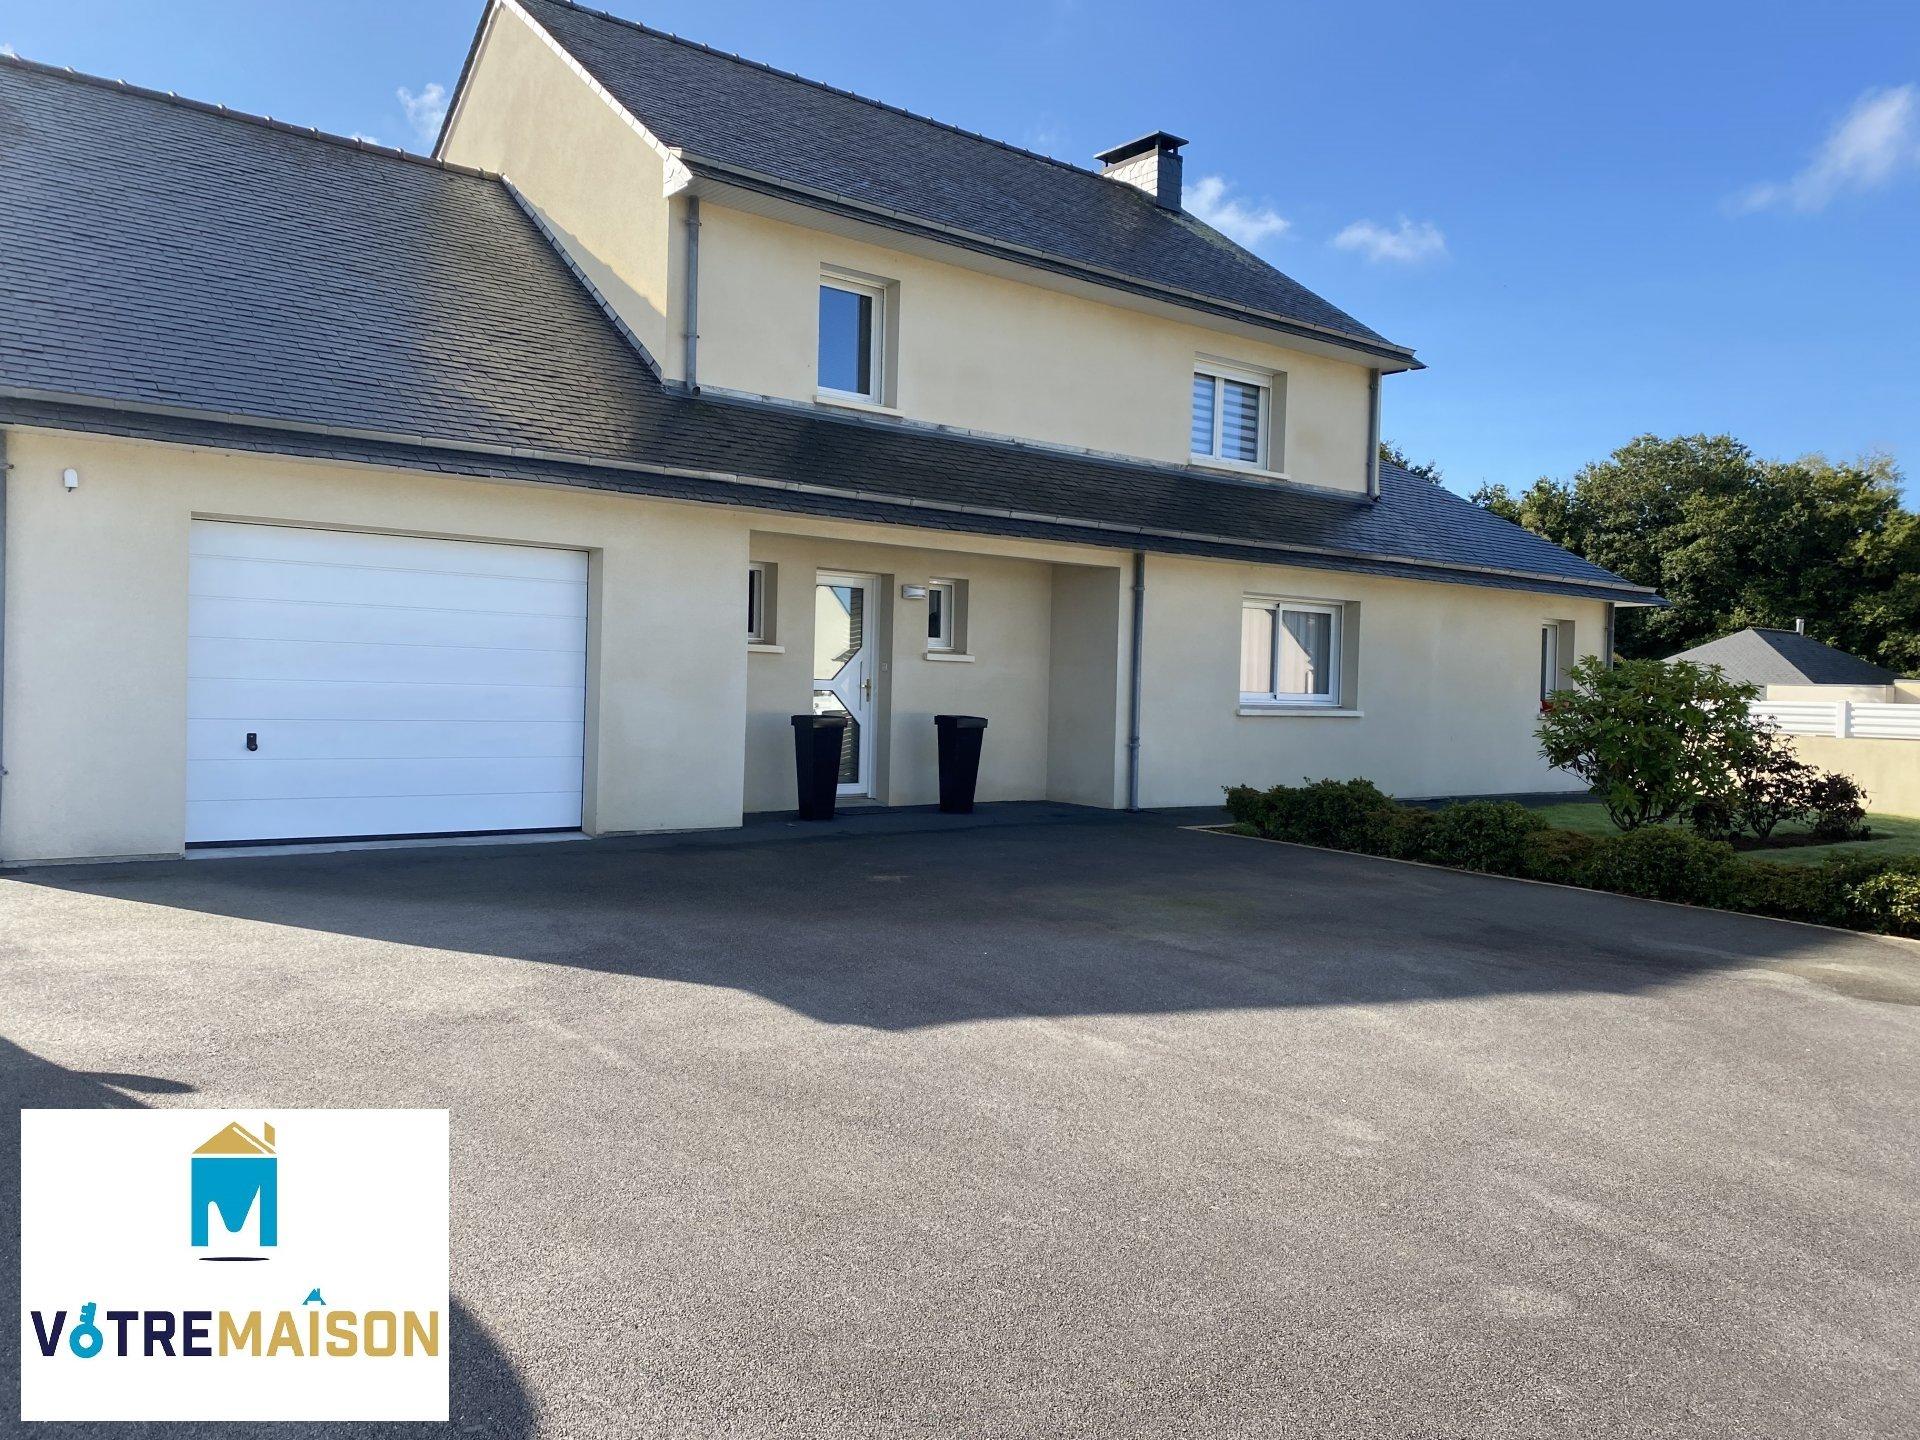 Belle maison récente au coeur de Plourin-Lès-Morlaix